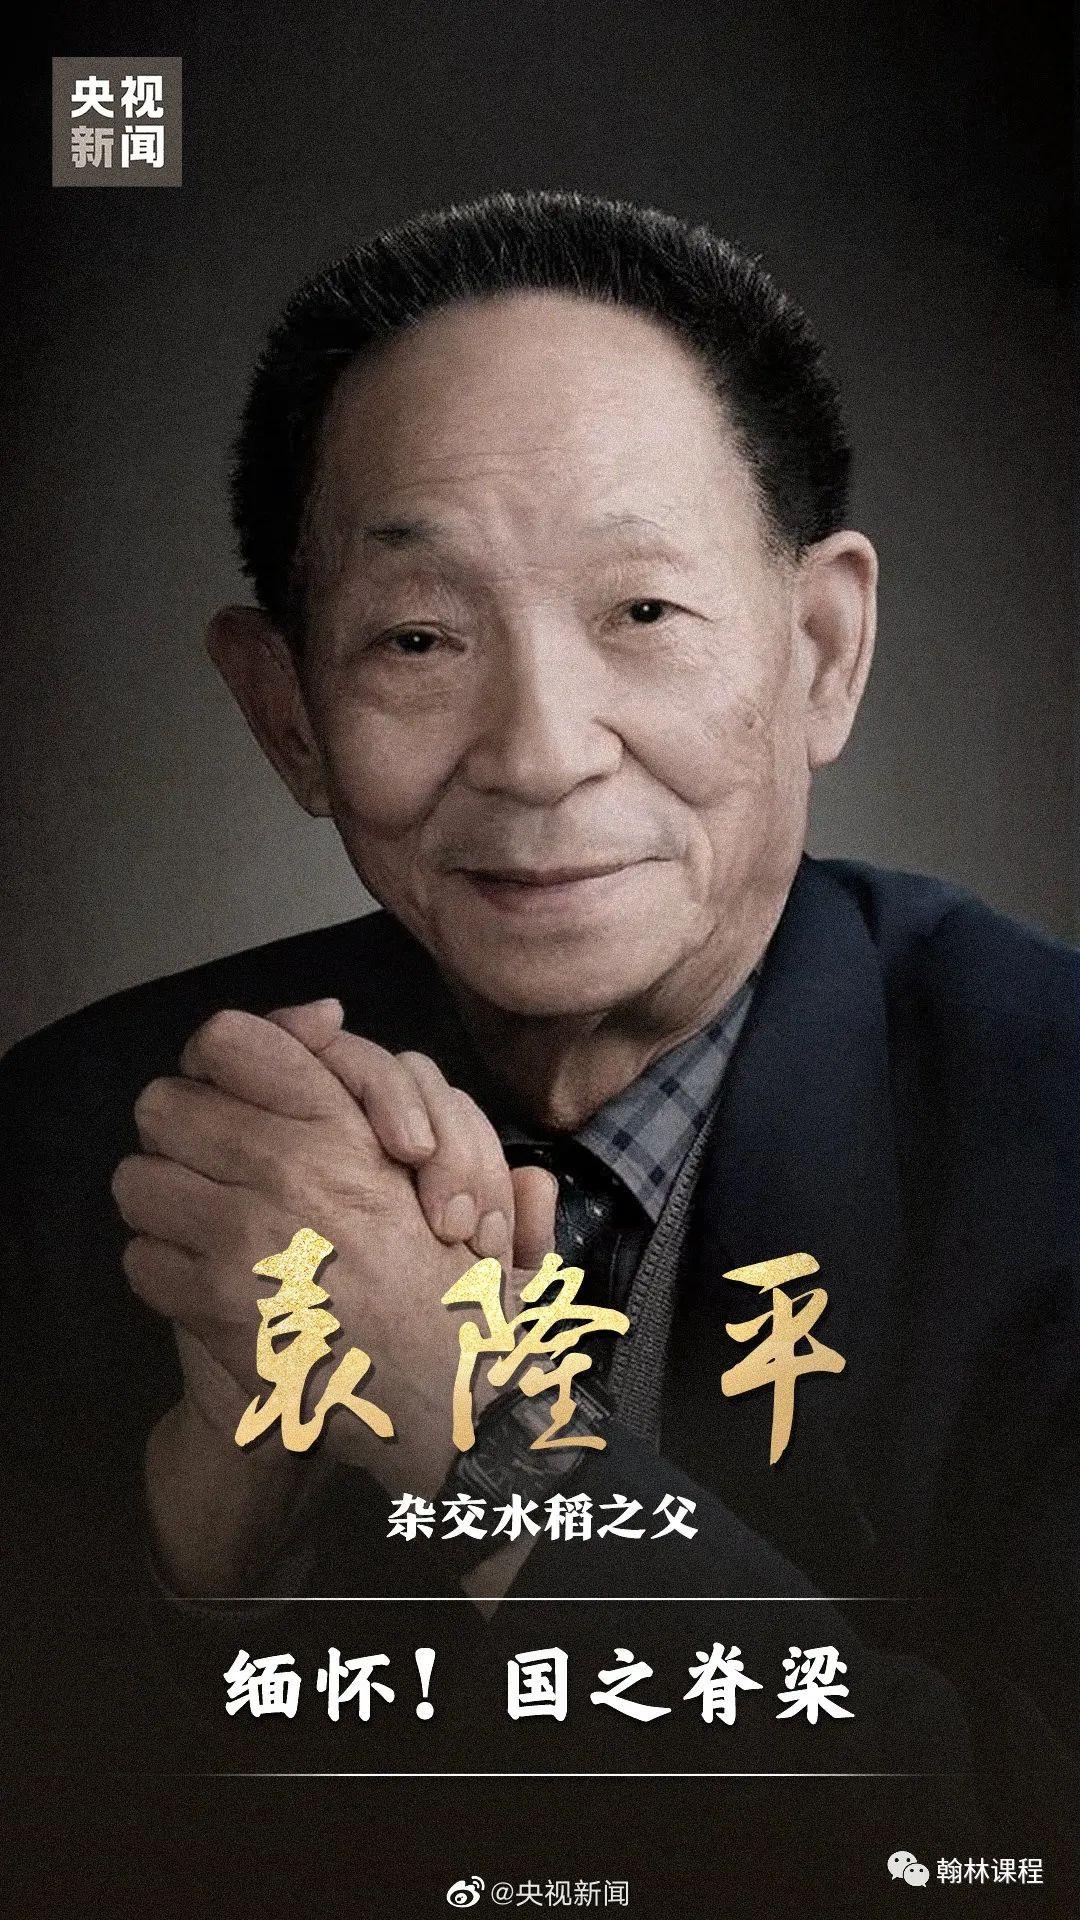 国士袁隆平 : 母亲的教育影响了我的一生!